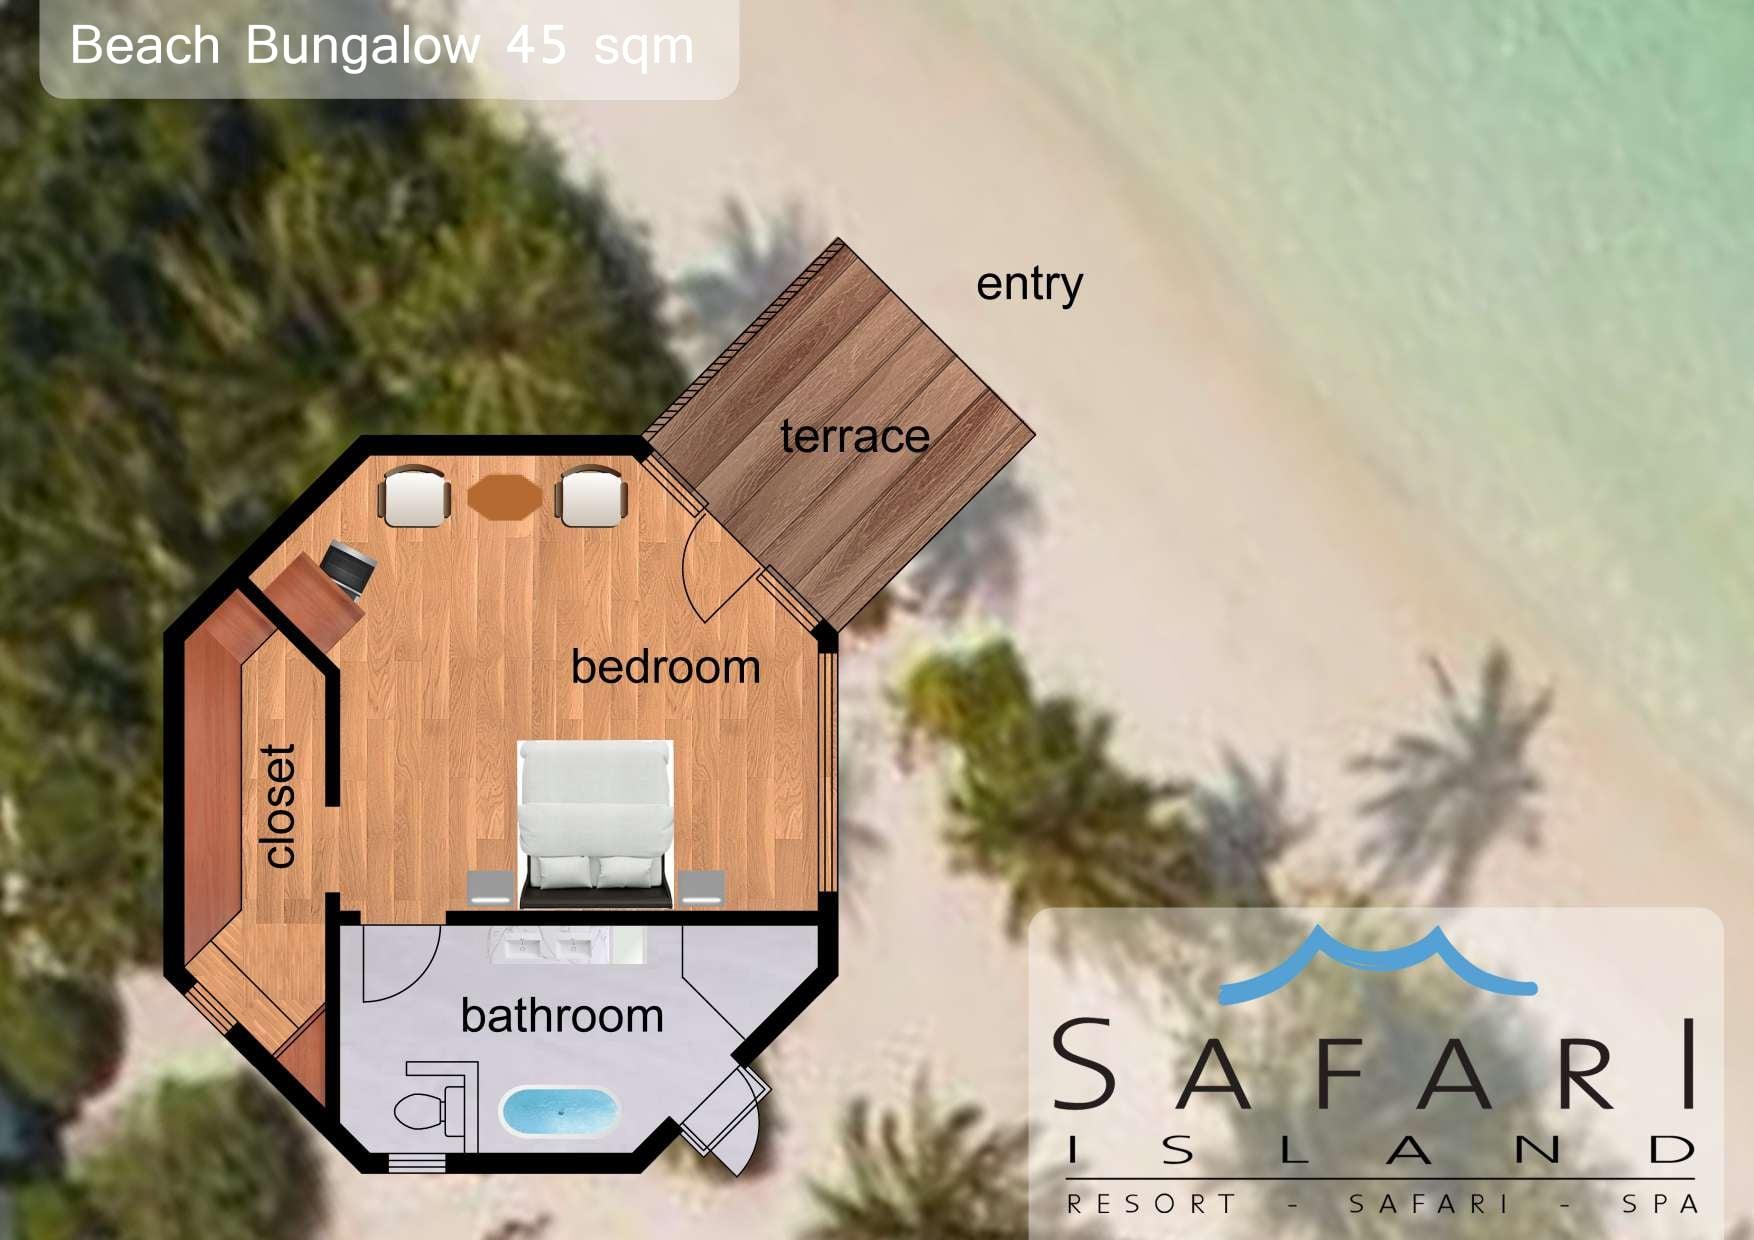 Мальдивы, Отель Safari Island Resort & Spa, план-схема номера Beach Bungalow